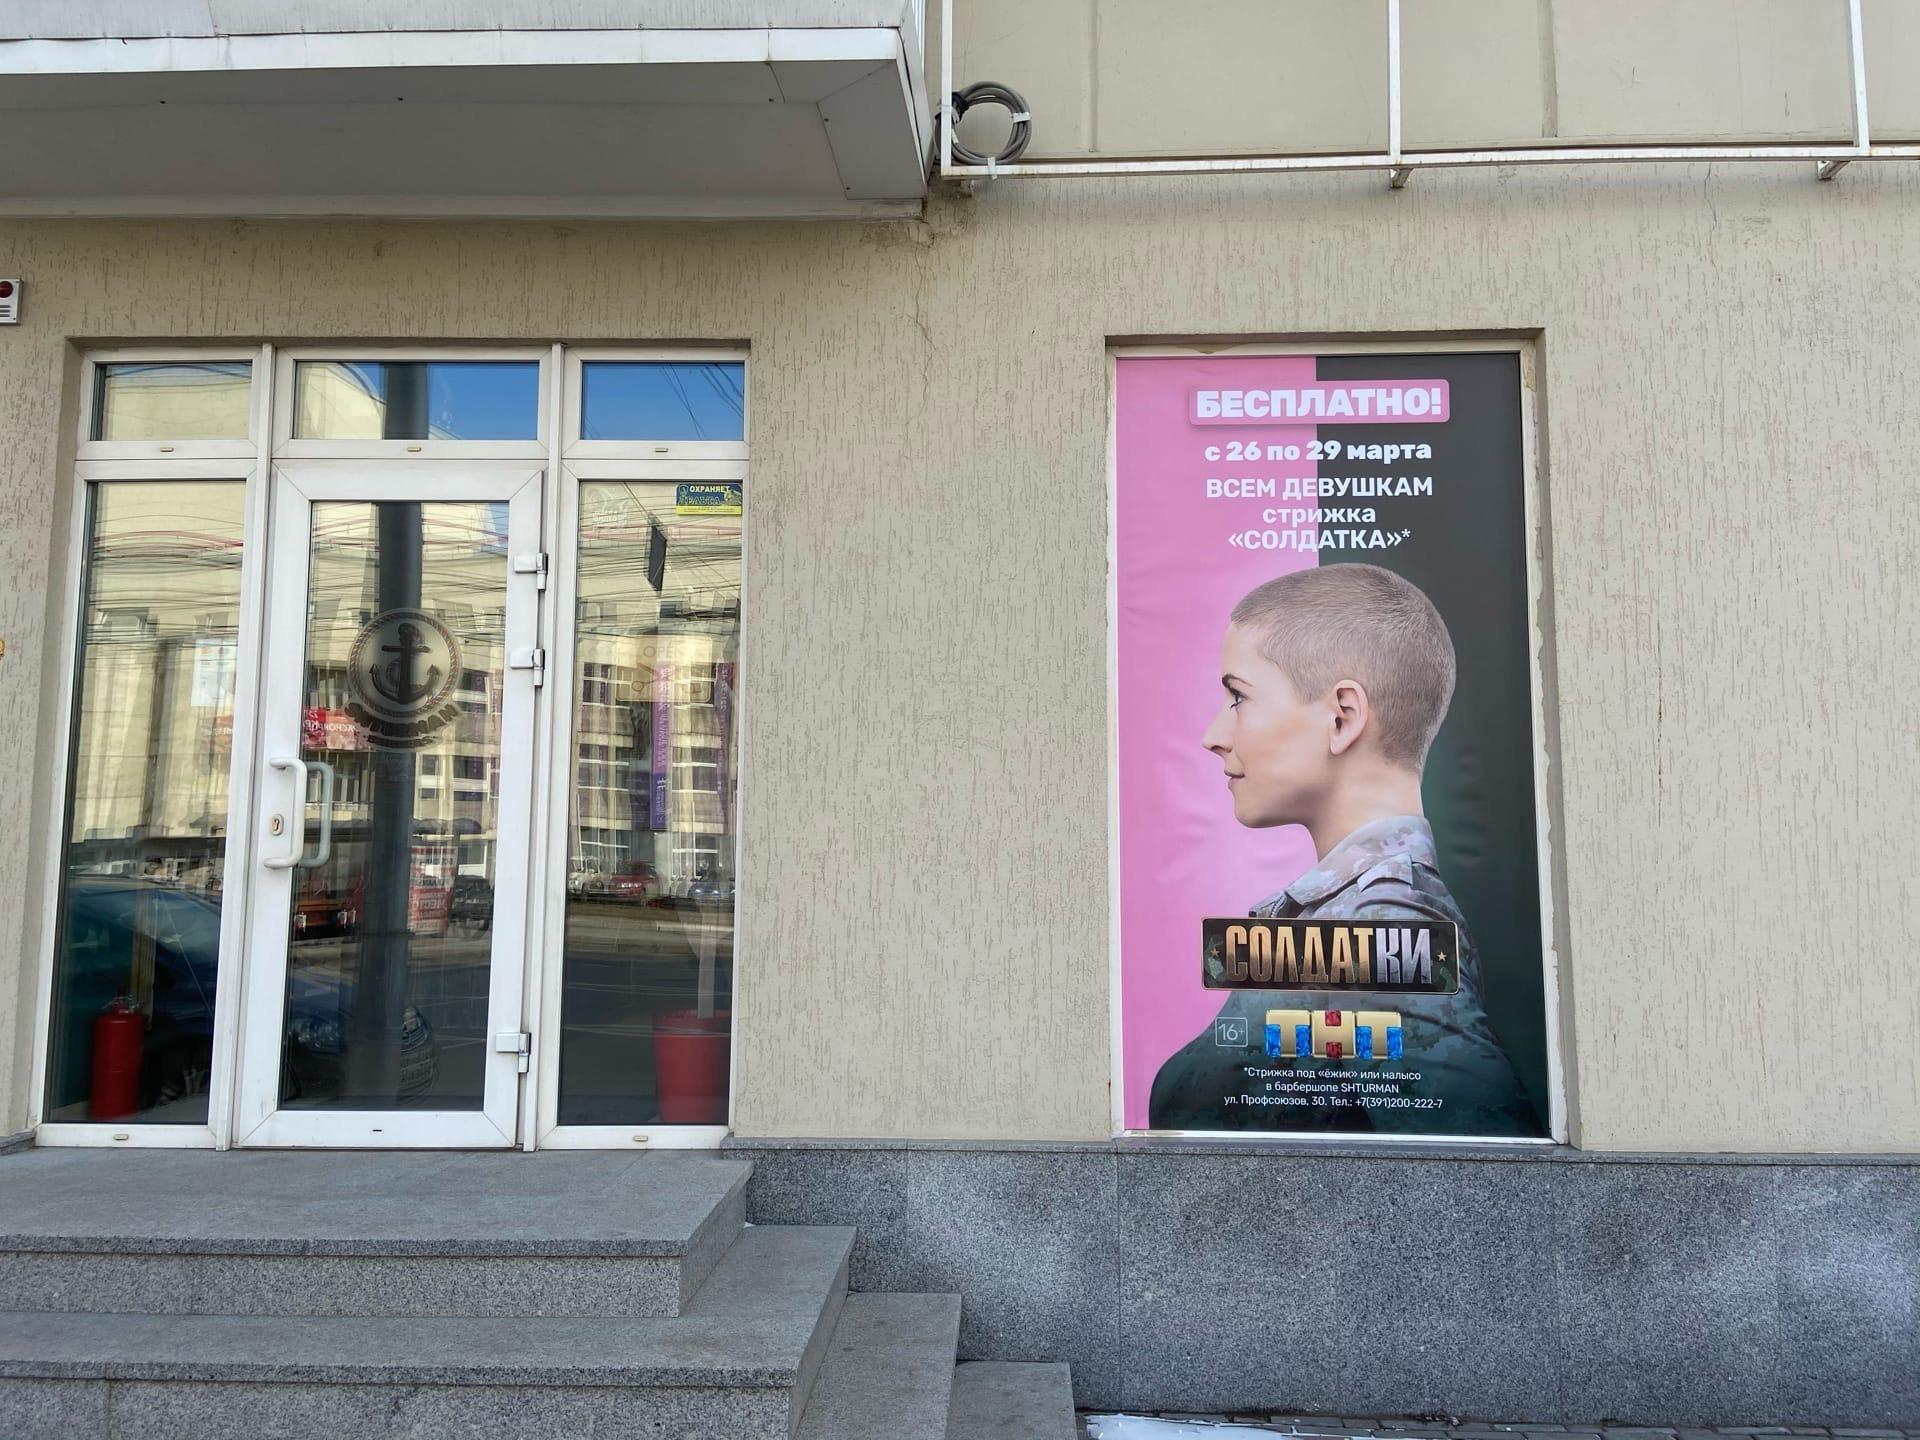 Девушкам Красноярска сделают стрижку